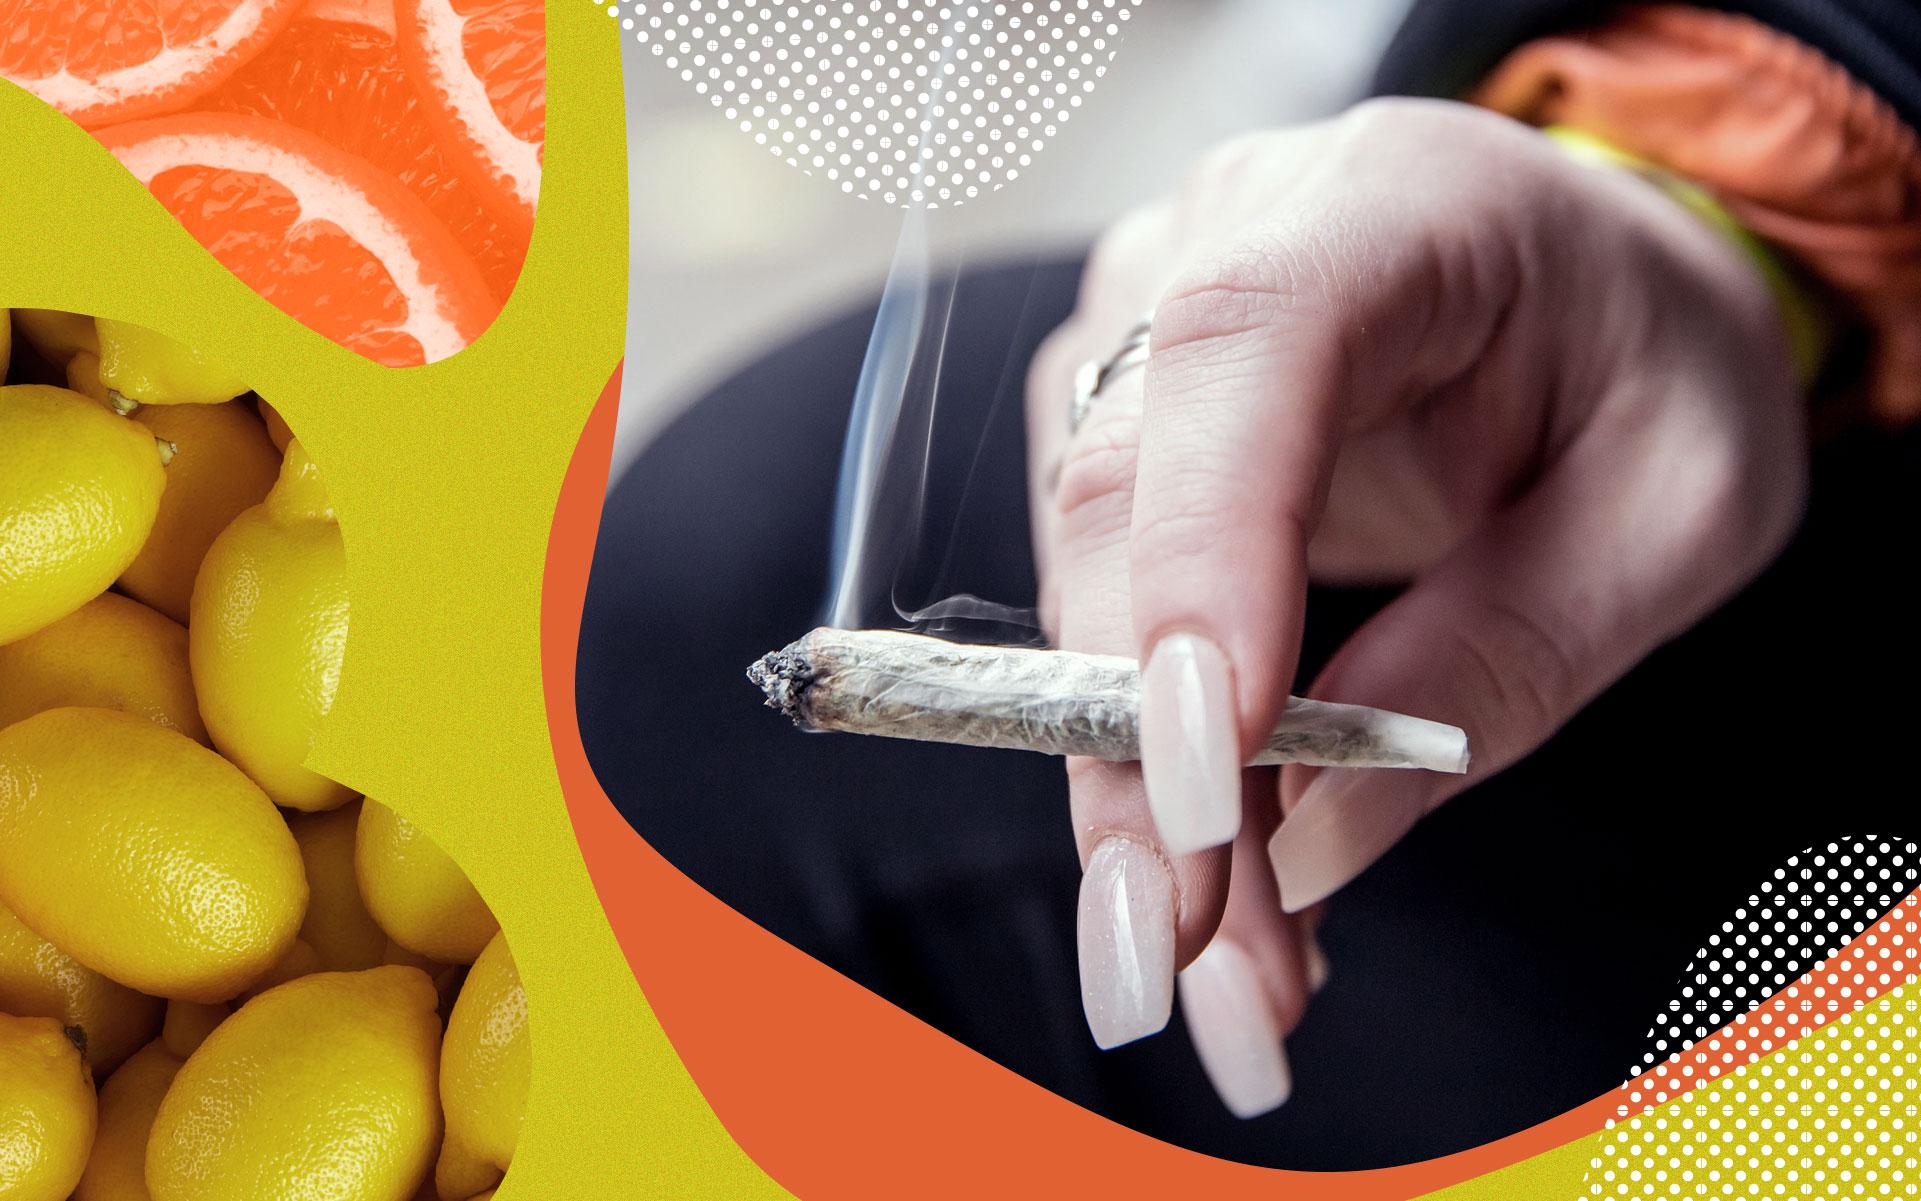 limonene terpene joint